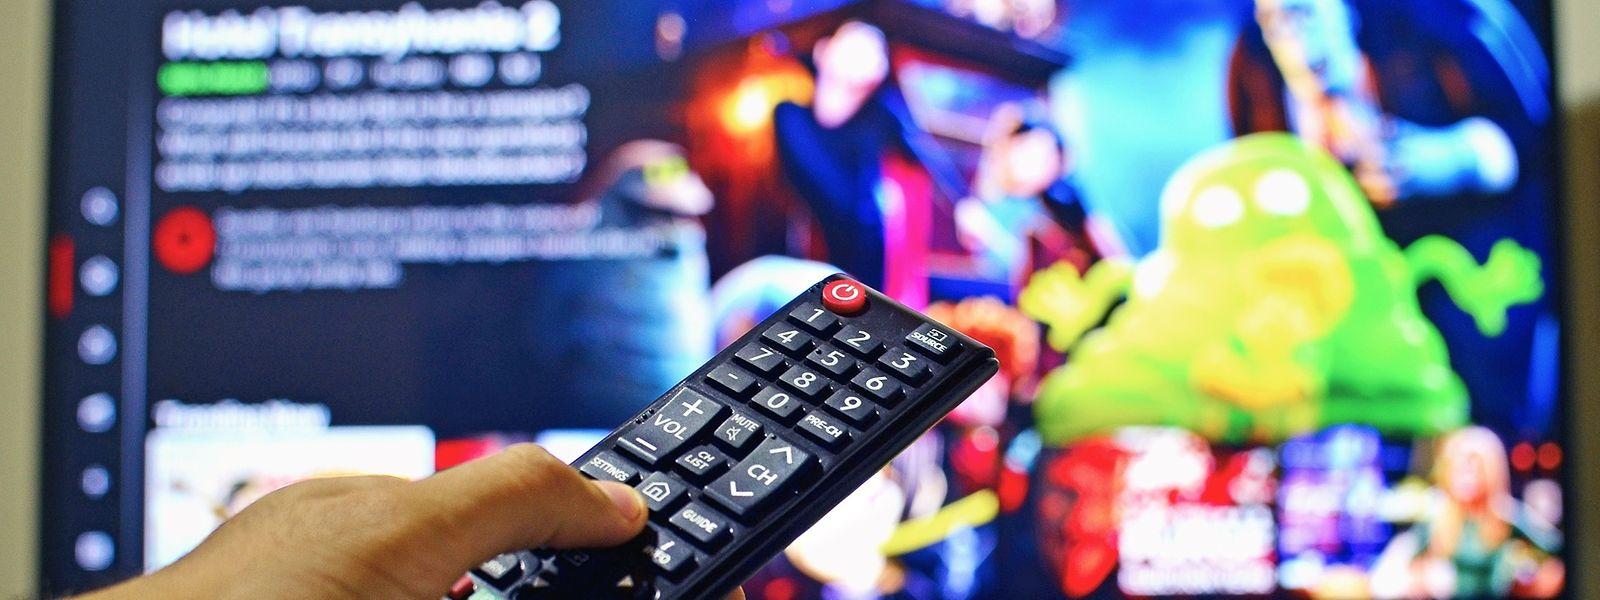 Netflix erzielte im Vorjahr einen Gewinn von 1,05 Milliarden Euro.